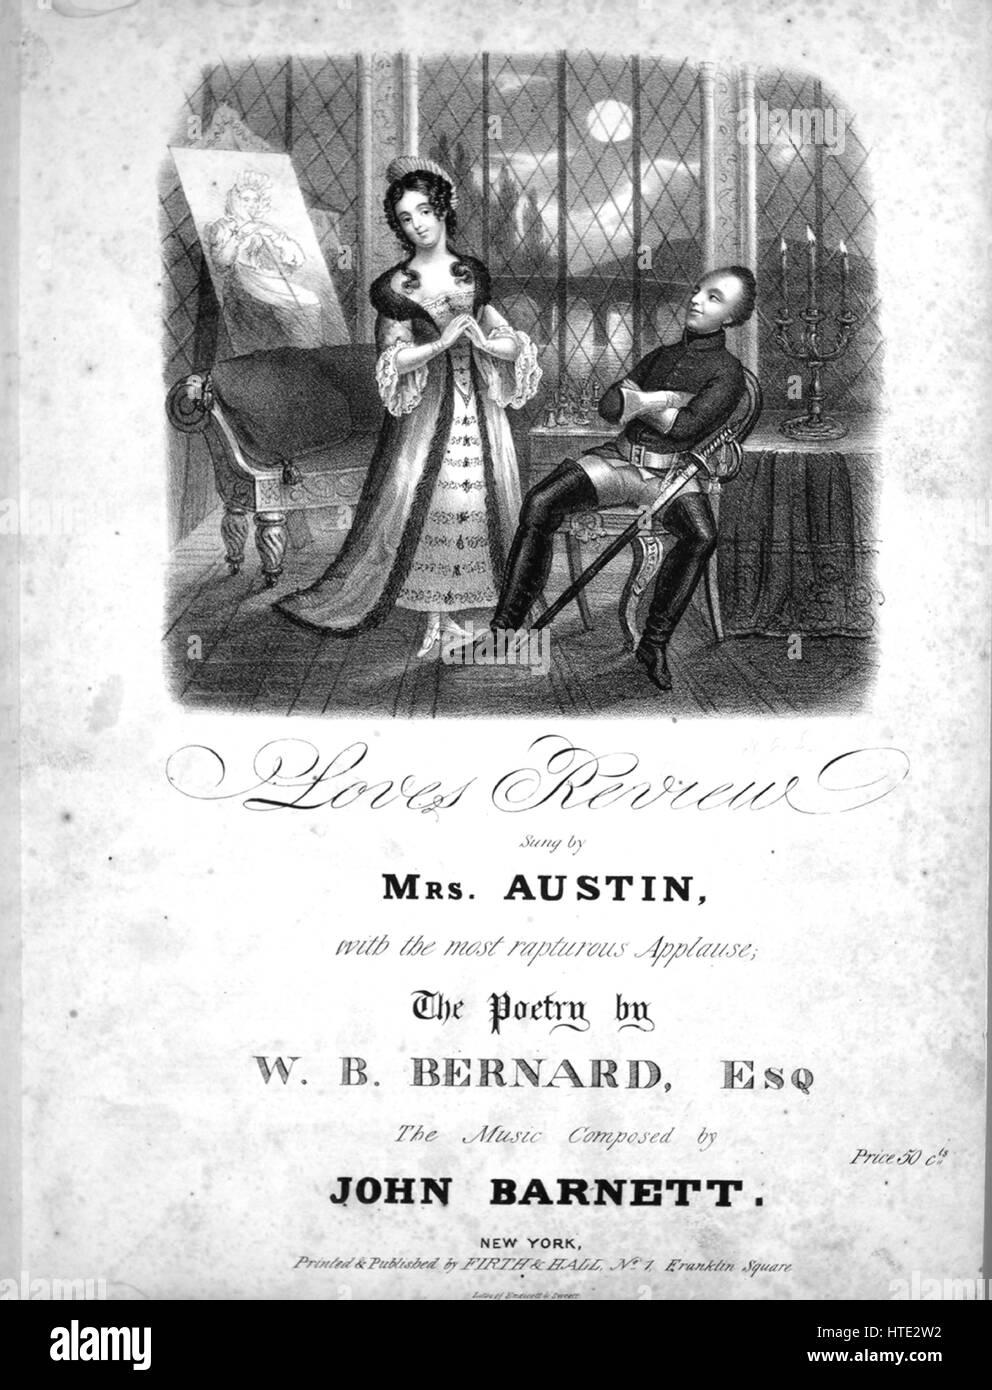 Noten Cover Bild Des Liedes Liebt Review Mit Ursprunglichen Autorschaft Notizen Lesen The Poetry Von WB Bernard Esq Die Musik Komponiert John